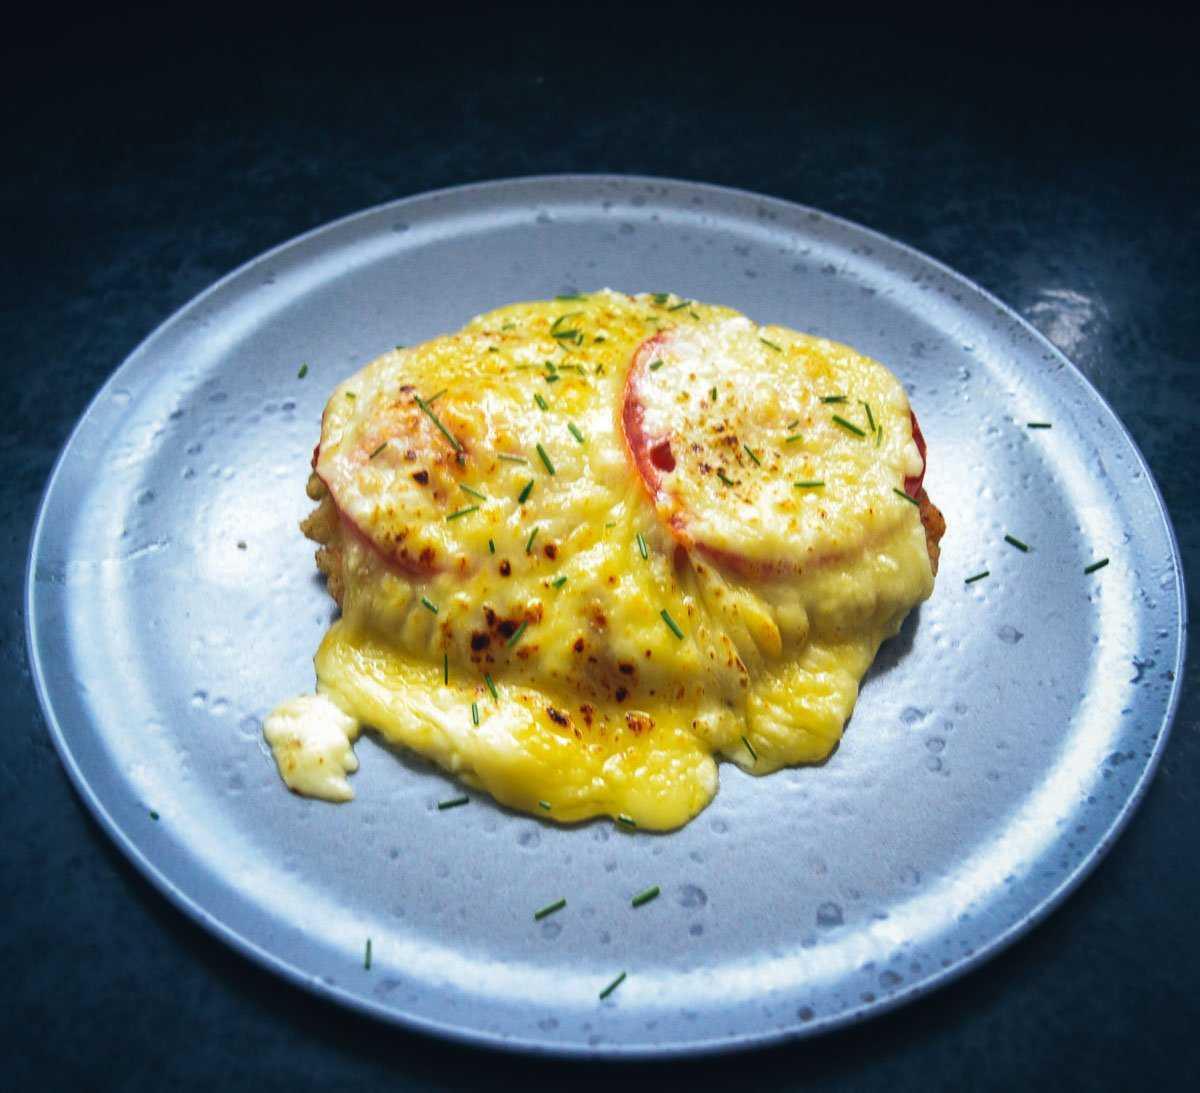 Überbackenes paniertes Schnitzel mit Tomate und Mozzarella